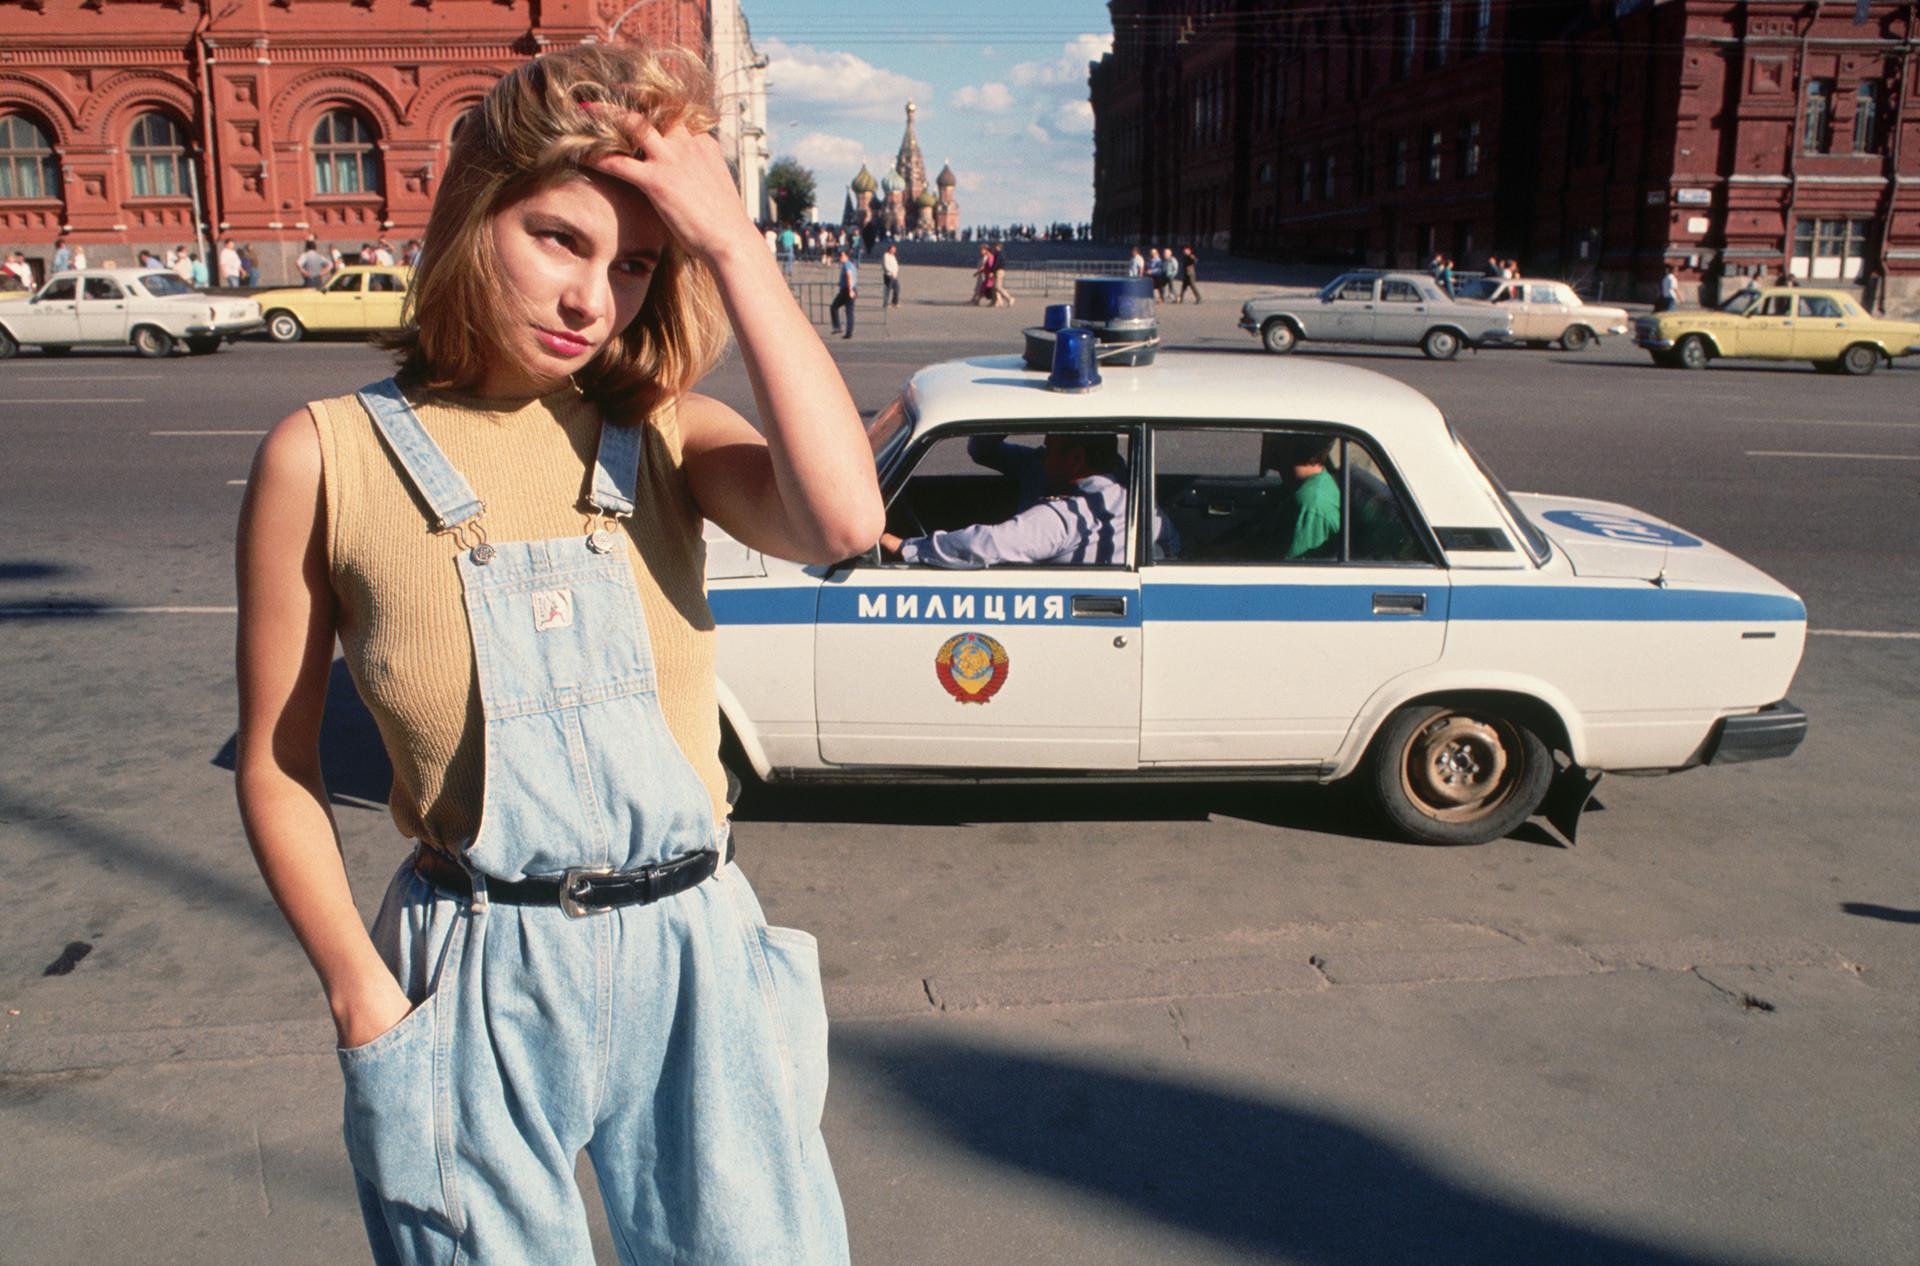 Фото голых проституток в питере, Проверенные проститутки СПб, индивидуалки Питера 11 фотография